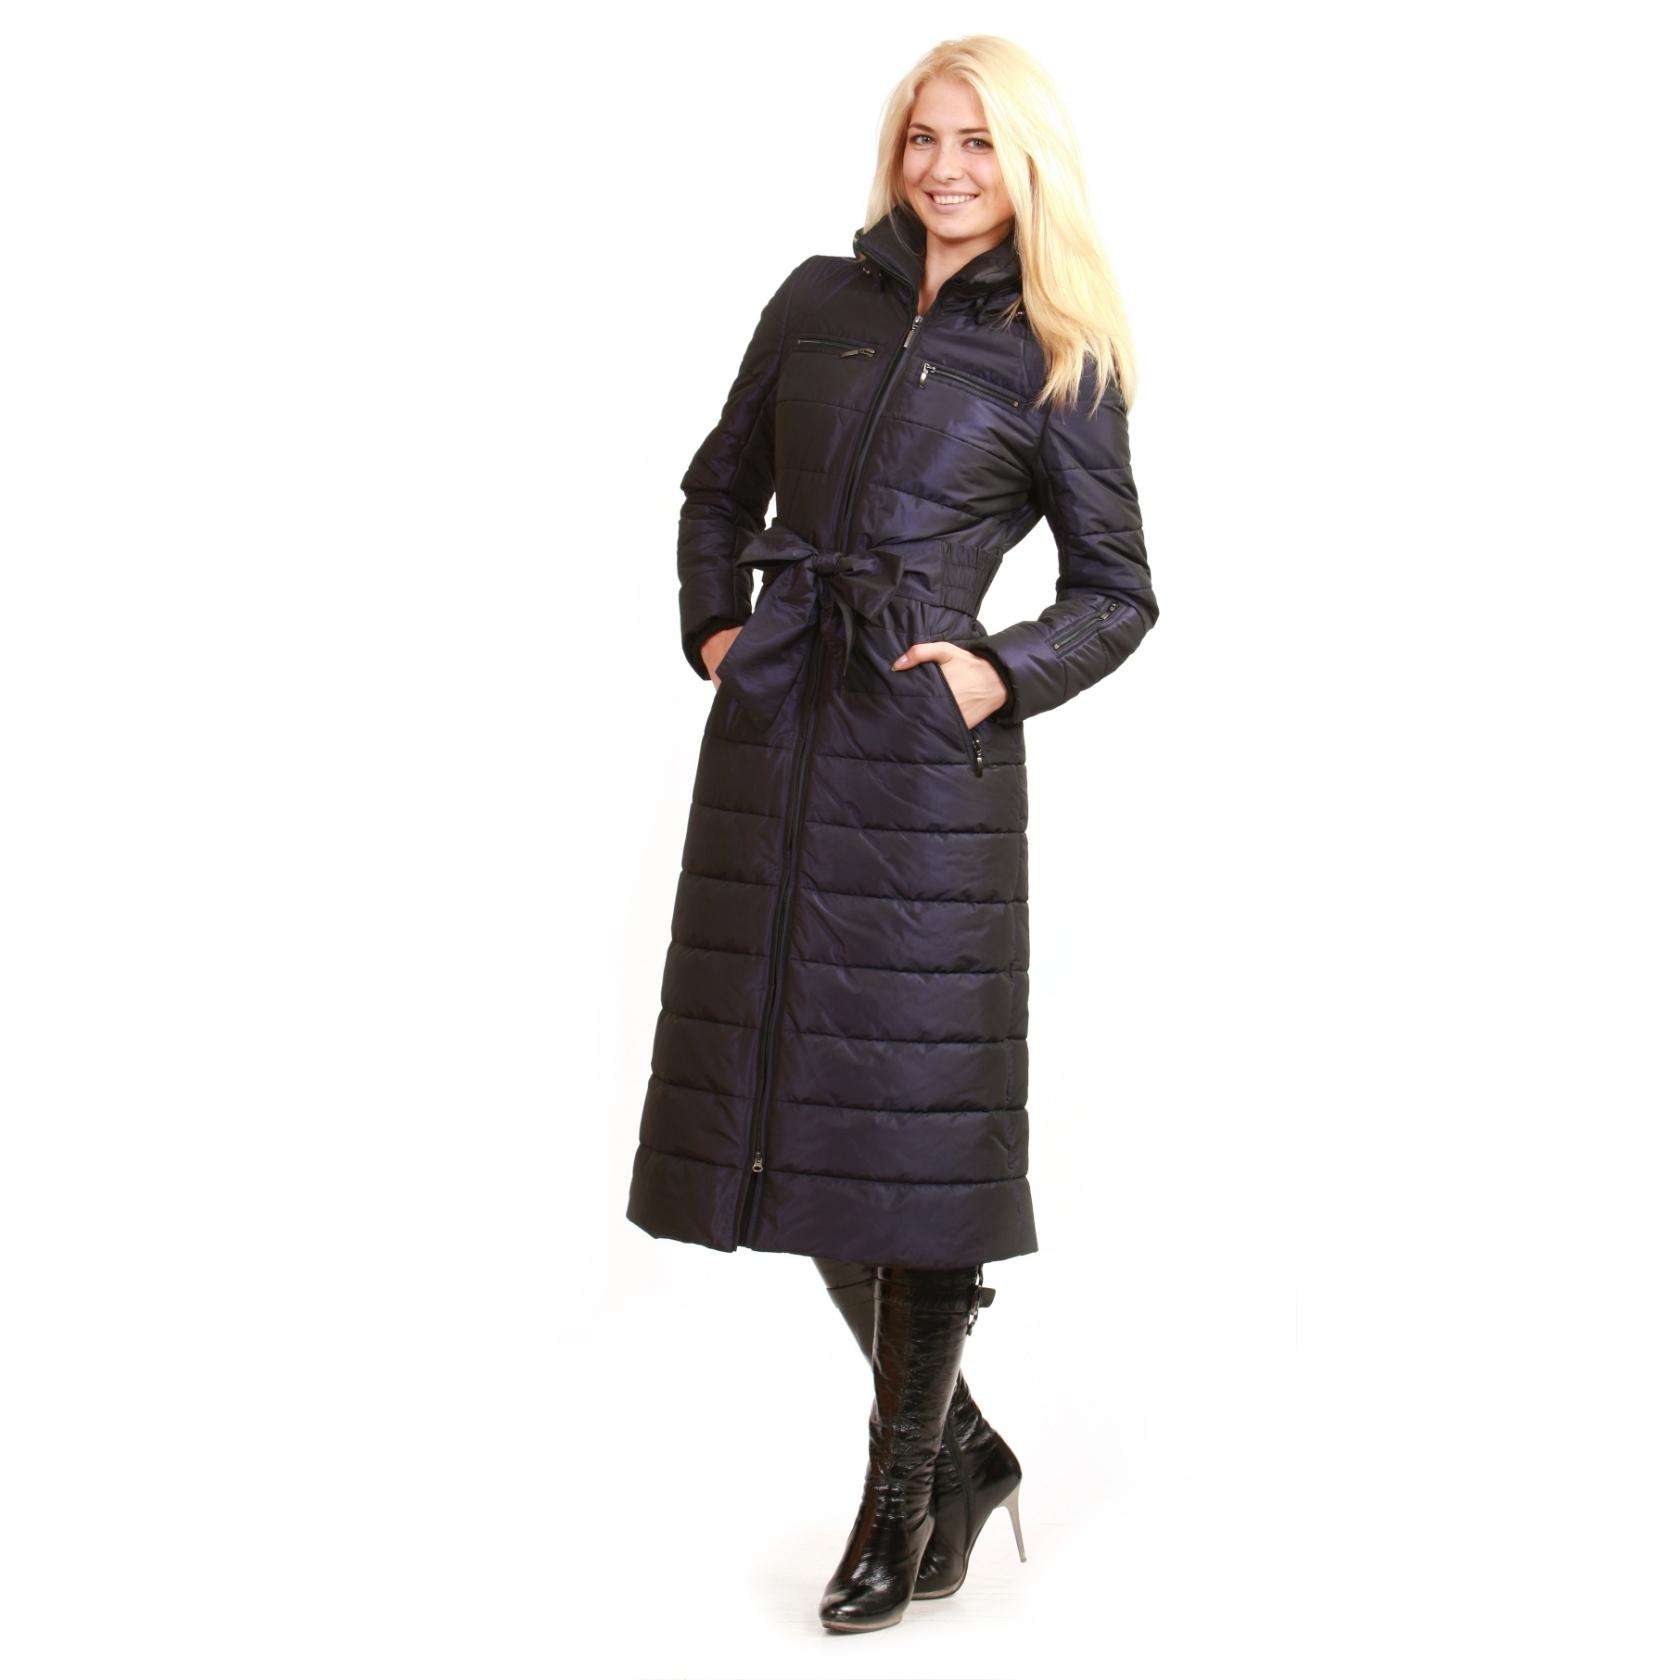 Купить Женское зимнее пальто Lana (Лана) по выгодной цене от ... 8f7ba9c8ce86e